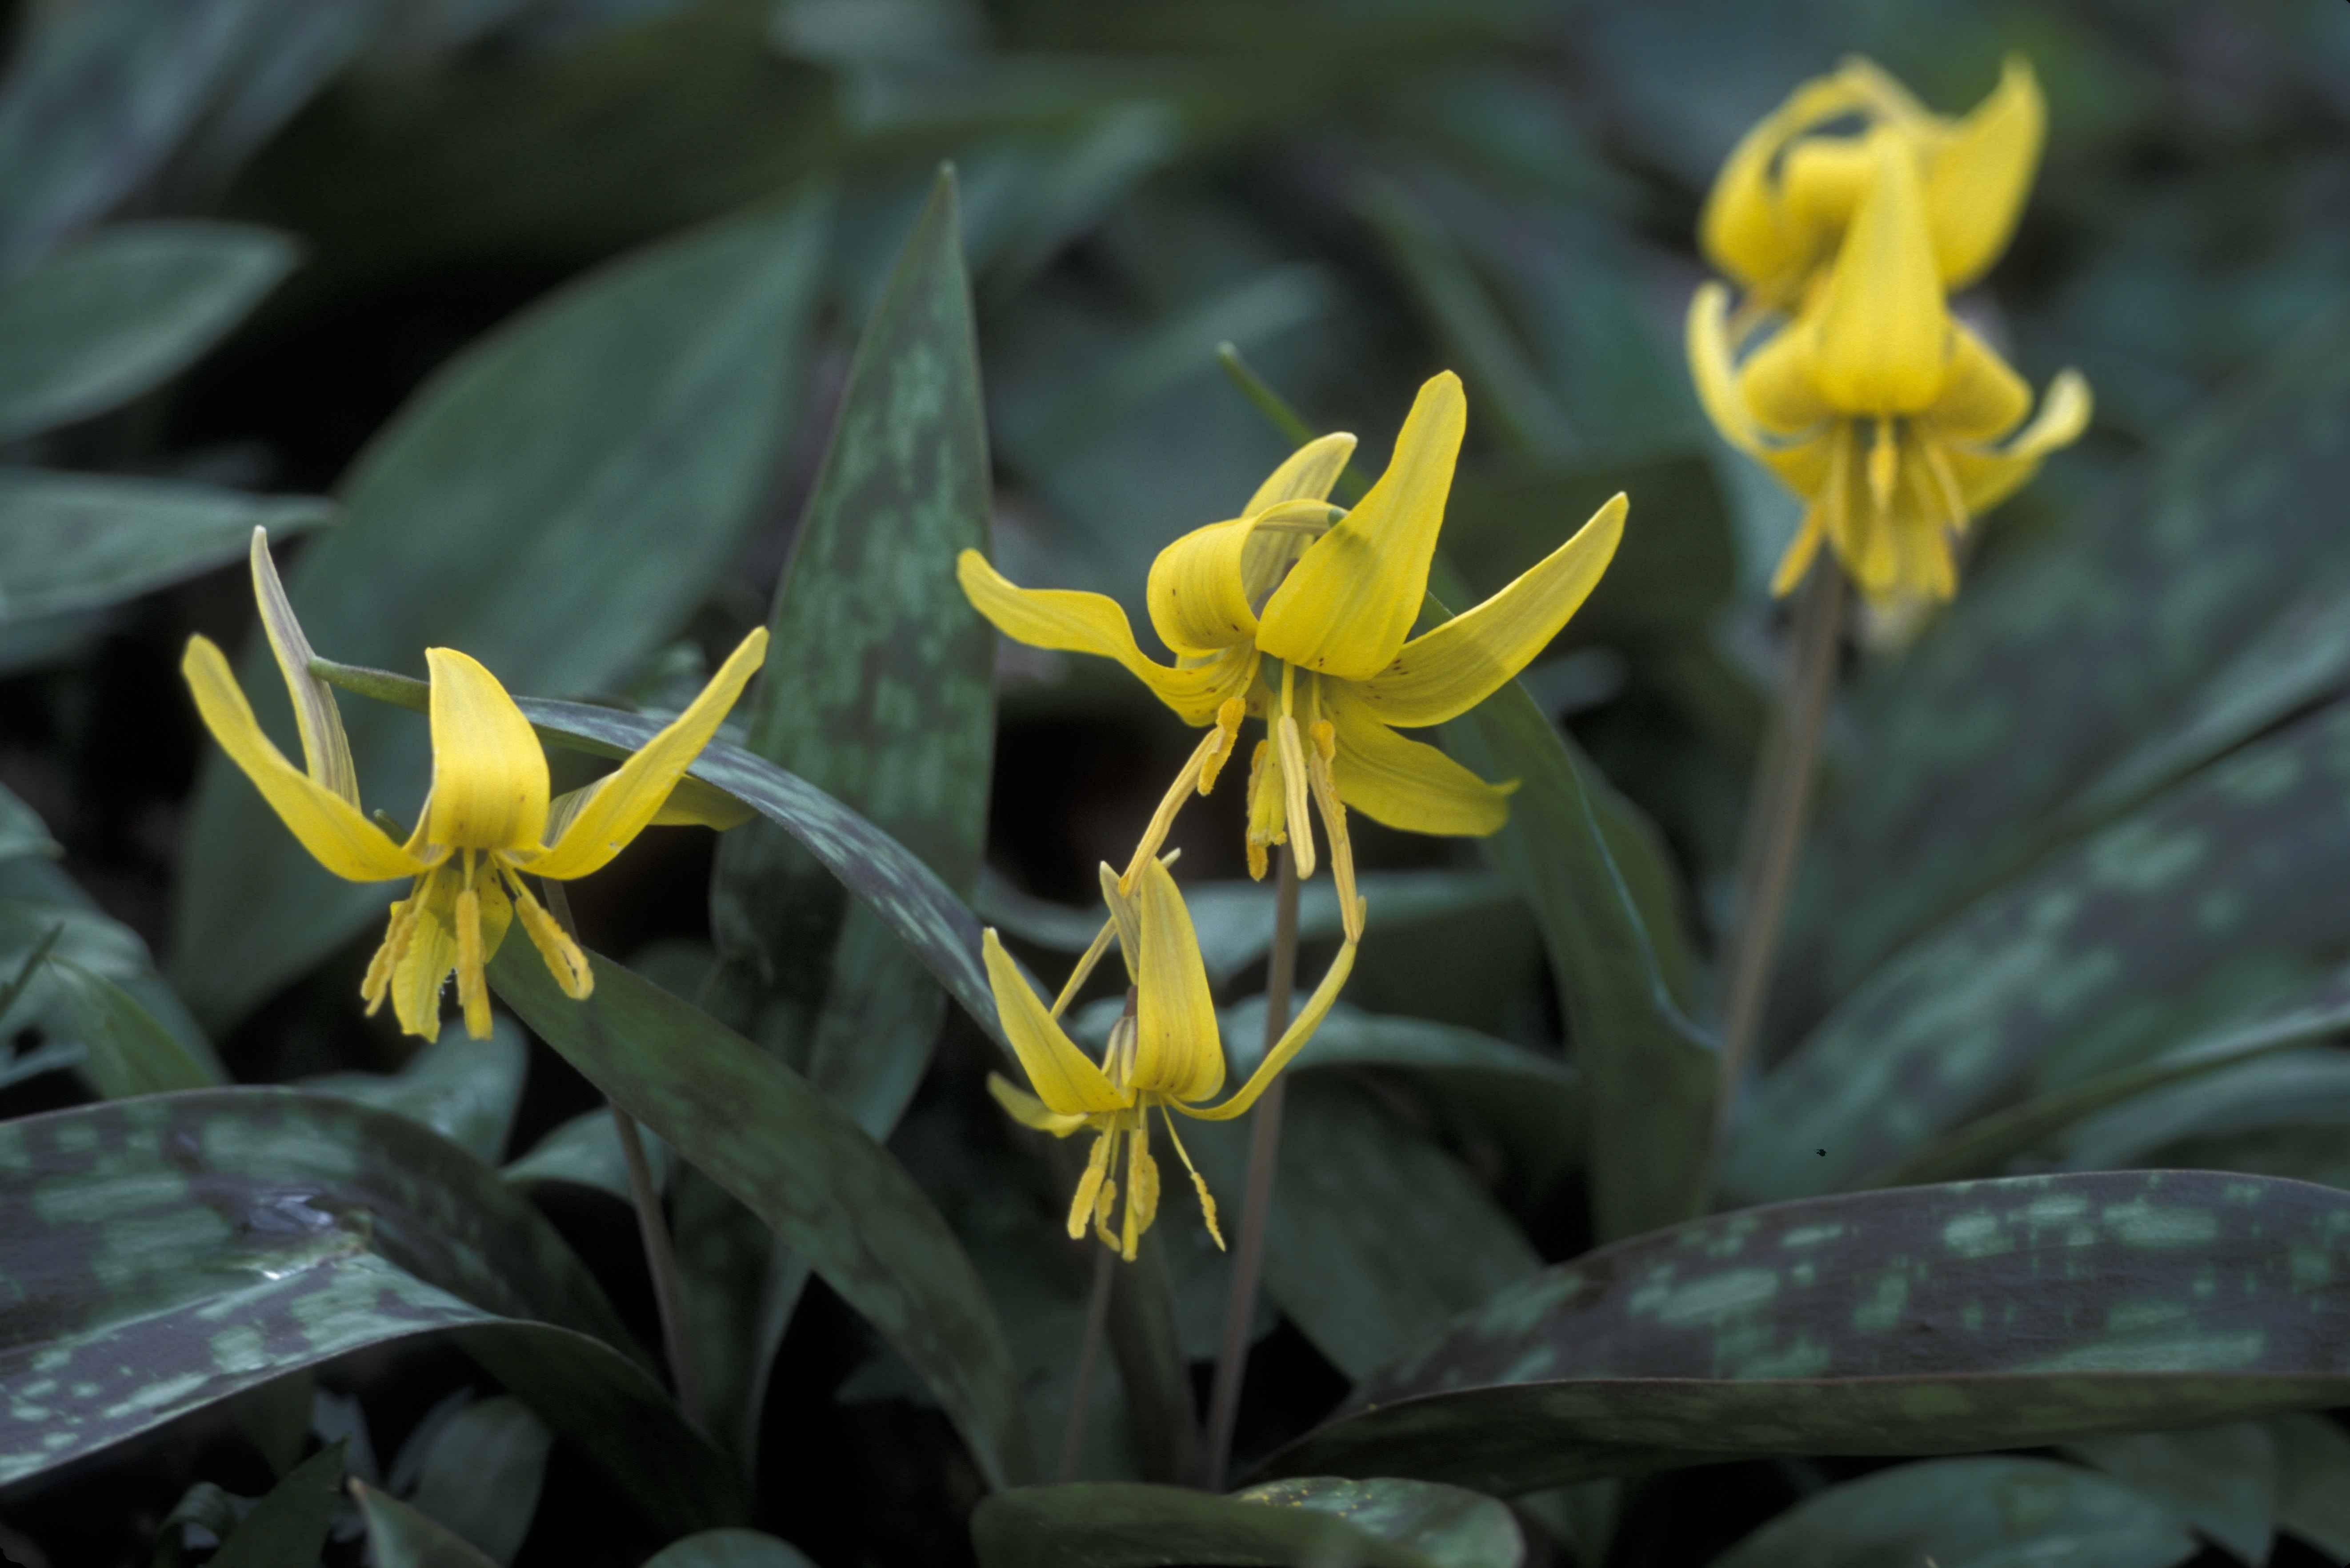 Цветок кандык или эритрониум посадка и уход в открытом грунте выращивание из семян фото видов